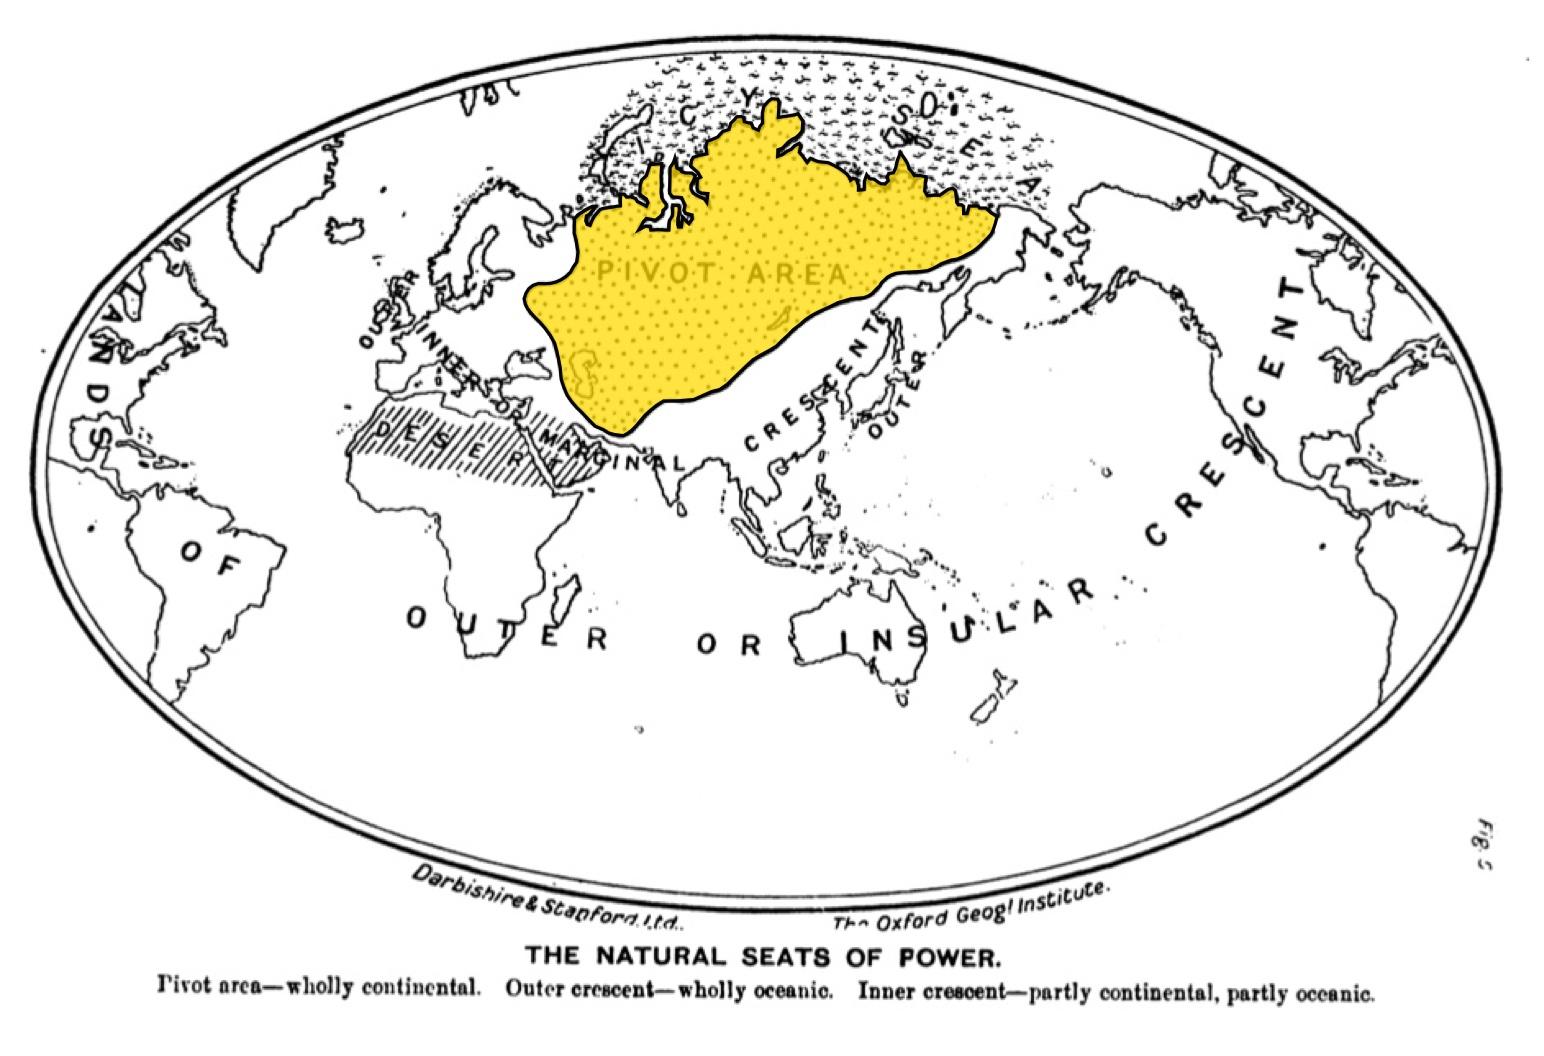 1904-pivot